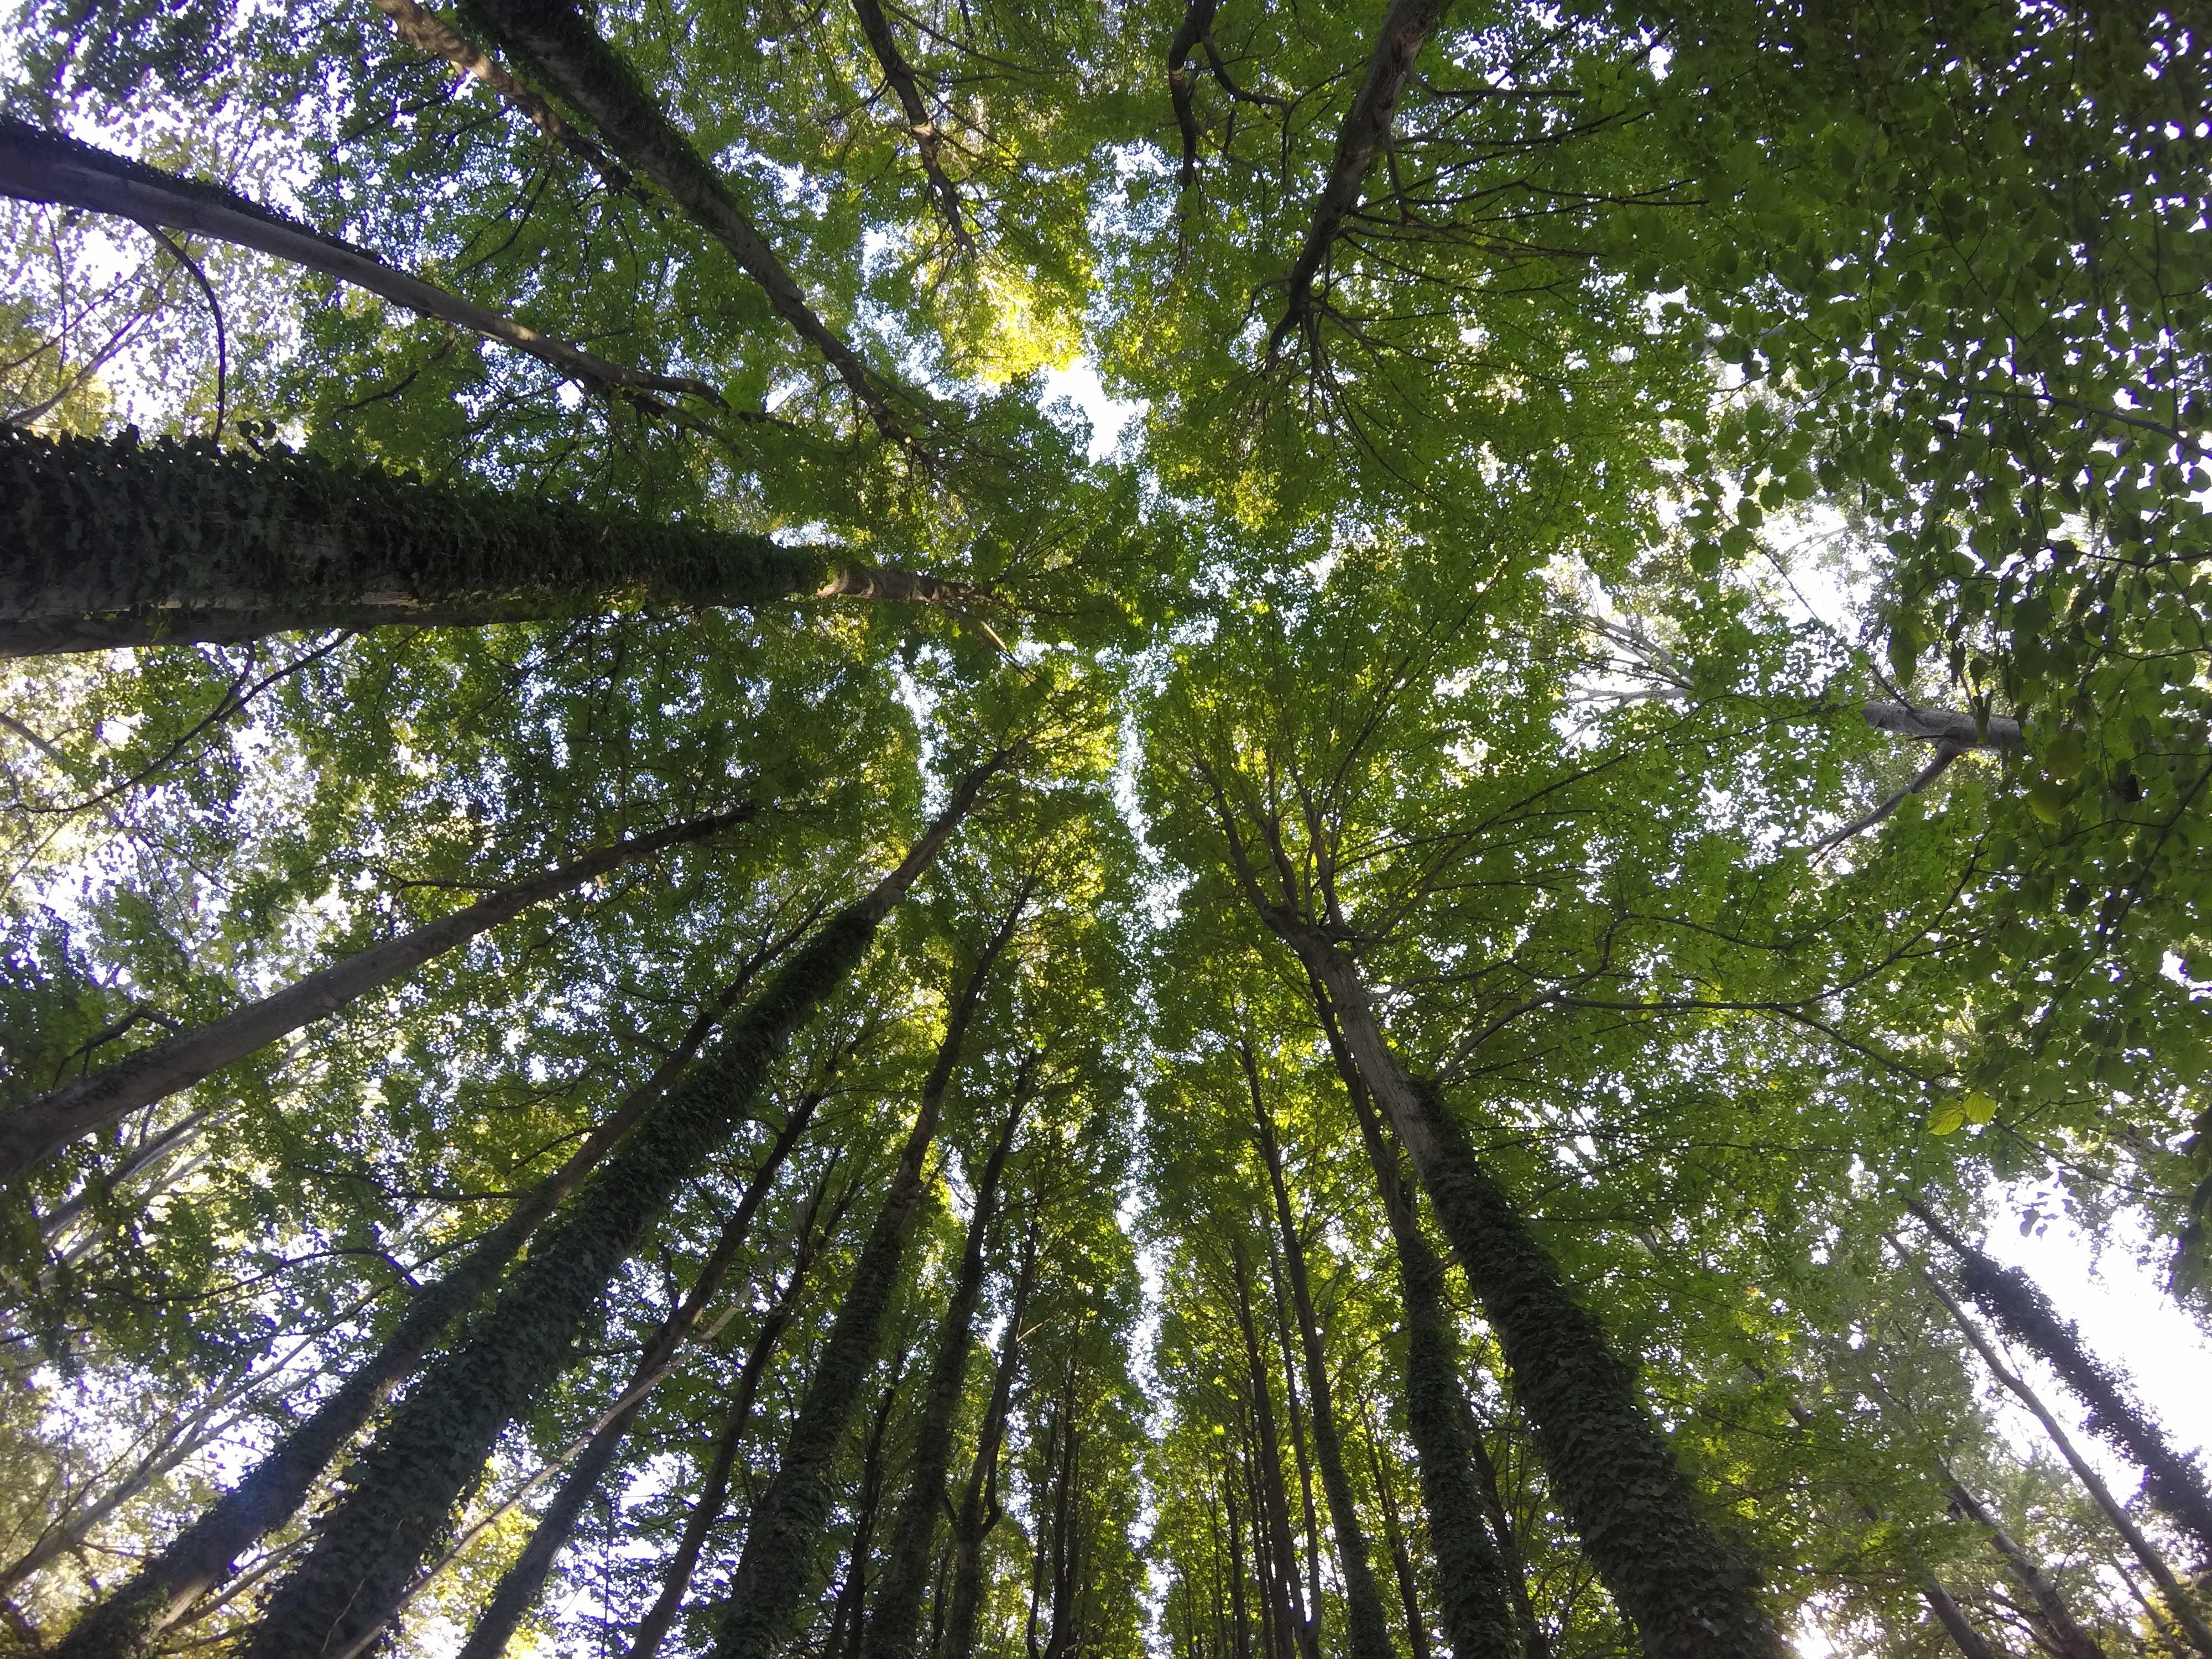 trees-2923387